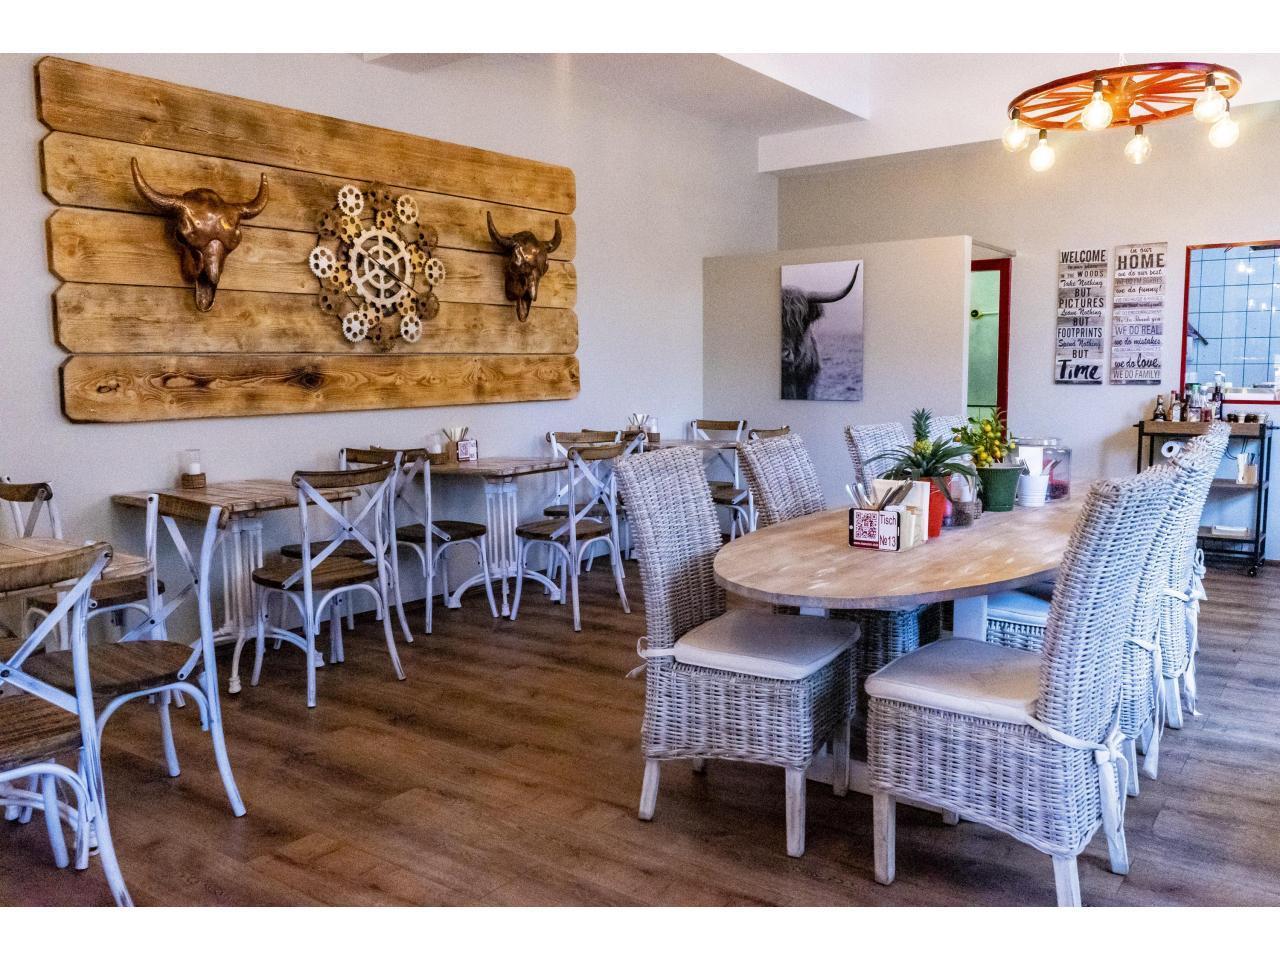 Трудоголик шеф-повар ищет партнёра для открытия сети ресторанчиков в Лондоне - 5